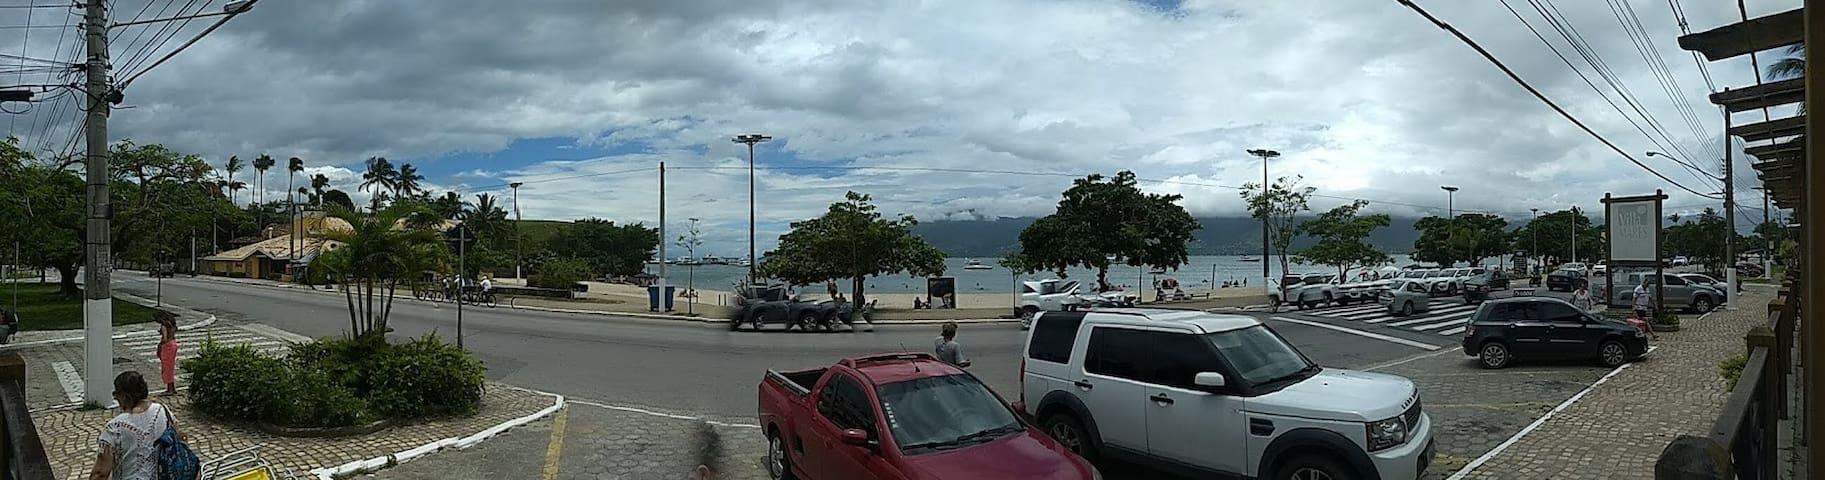 Aconchego/ Praia Arrastão/ São Sebastião/SP.